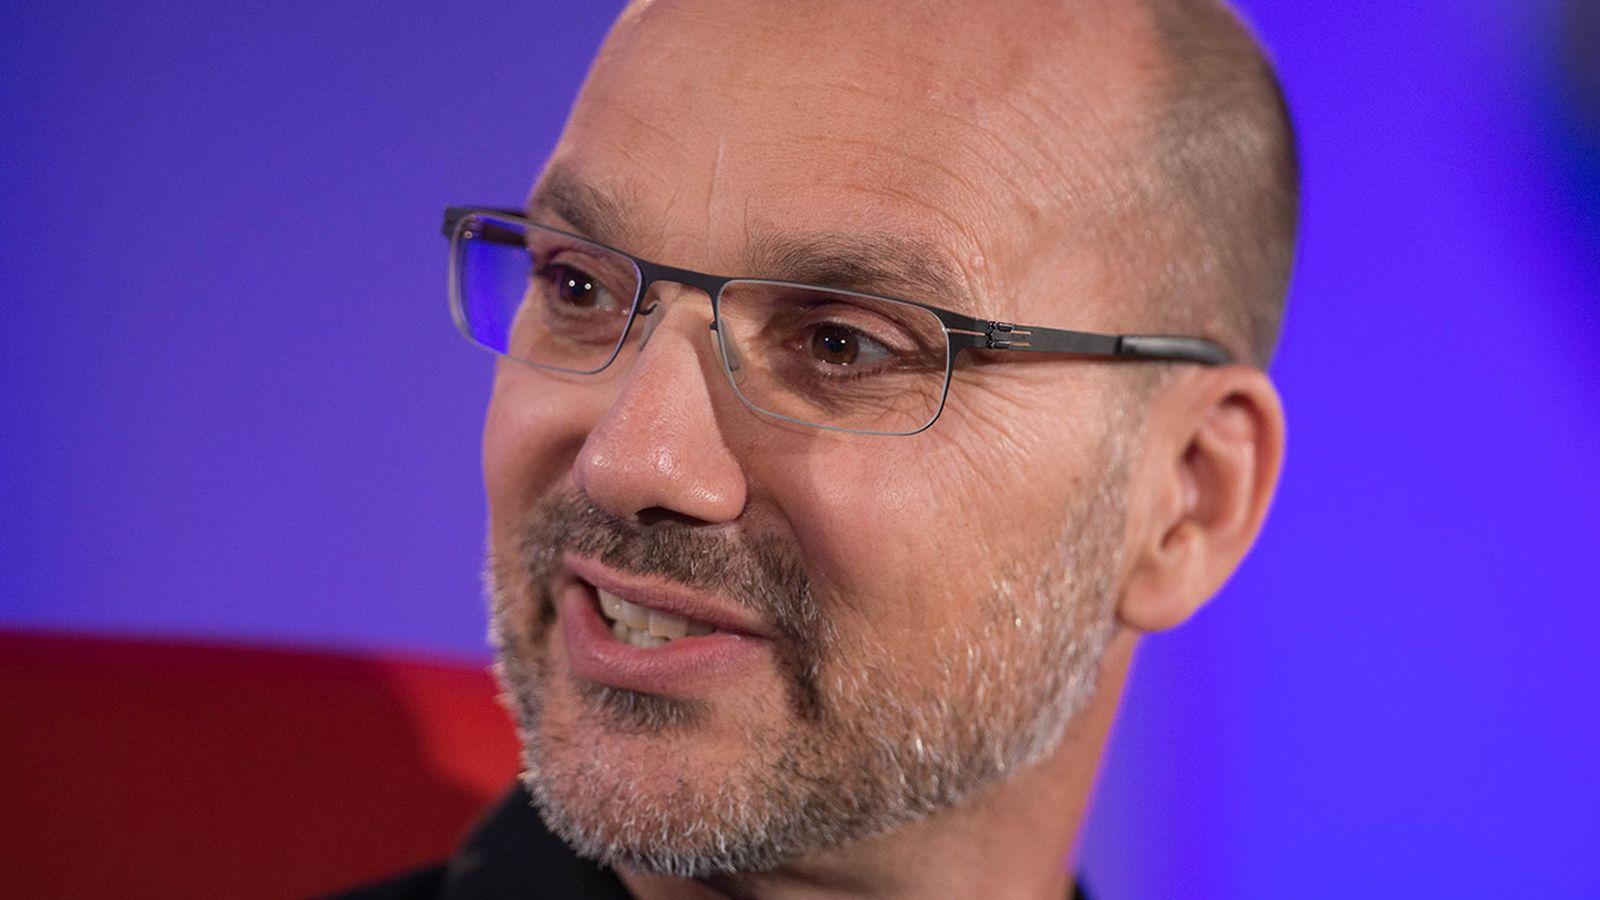 Создатель Android: будущее мобильной сферы — это искусственный интеллект - 1